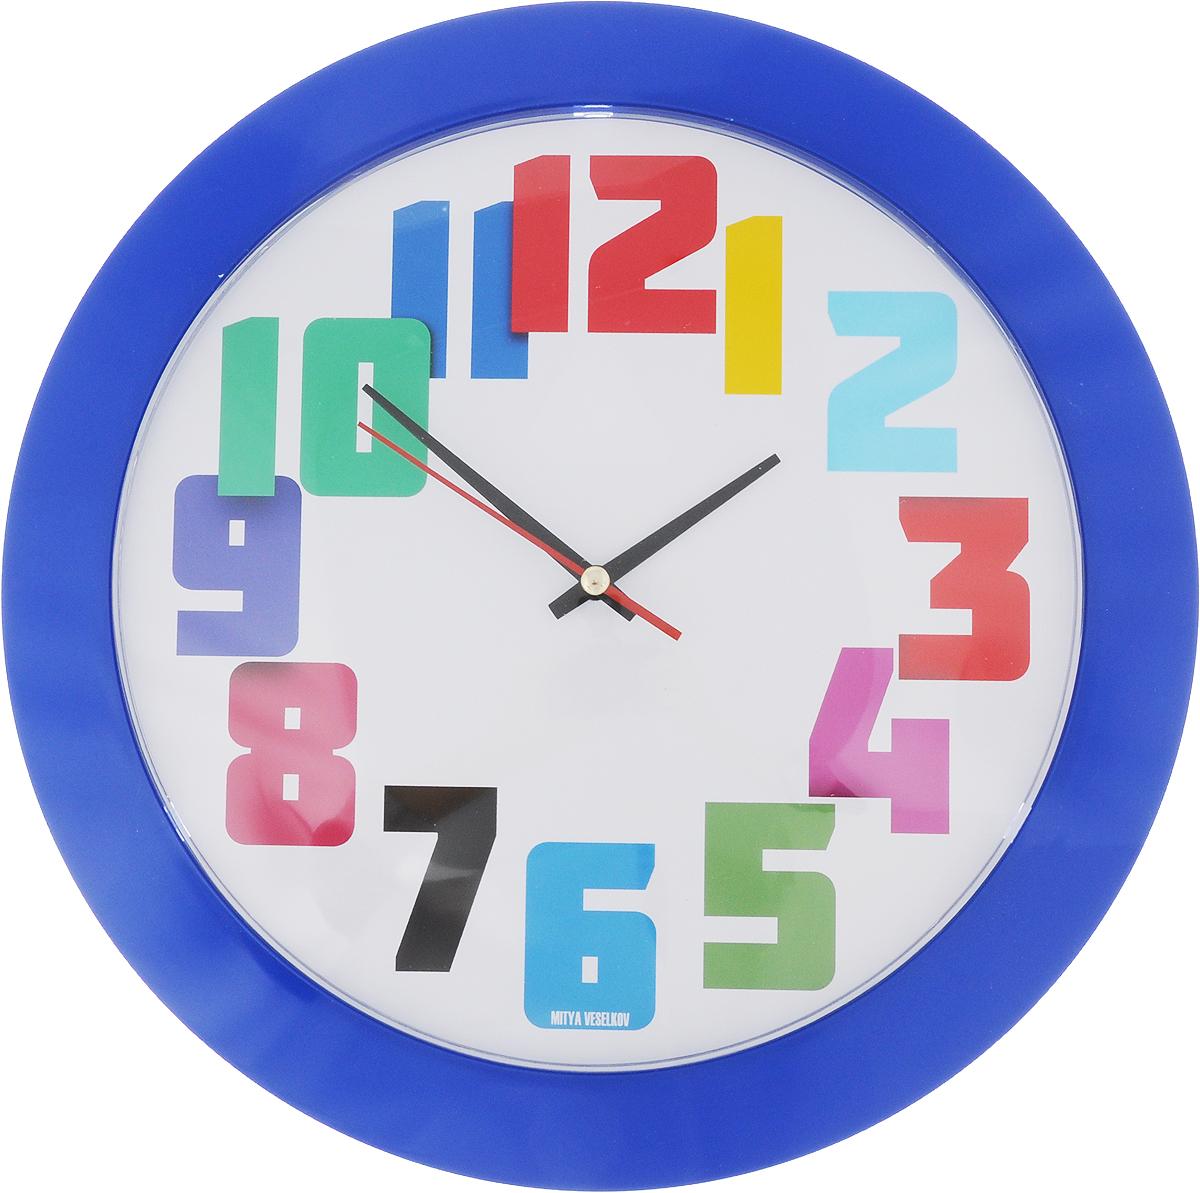 Часы настенные Mitya Veselkov Разноцветные цифры, цвет: синий, диаметр 30 см94672Оригинальные настенные часы Mitya Veselkov Разноцветные цифры прекрасно дополнят интерьер комнаты. Круглый корпус часов выполнен из металла синего цвета. Циферблат защищен стеклом. Часы имеют три стрелки - часовую, минутную и секундную.Оформите свой дом таким интерьерным аксессуаром или преподнесите его в качестве презента друзьям, и они оценят ваш оригинальный вкус и неординарность подарка. Диаметр часов: 30 см. Толщина корпуса: 4 см. Часы работают от 1 батарейки типа АА (входит в комплект).